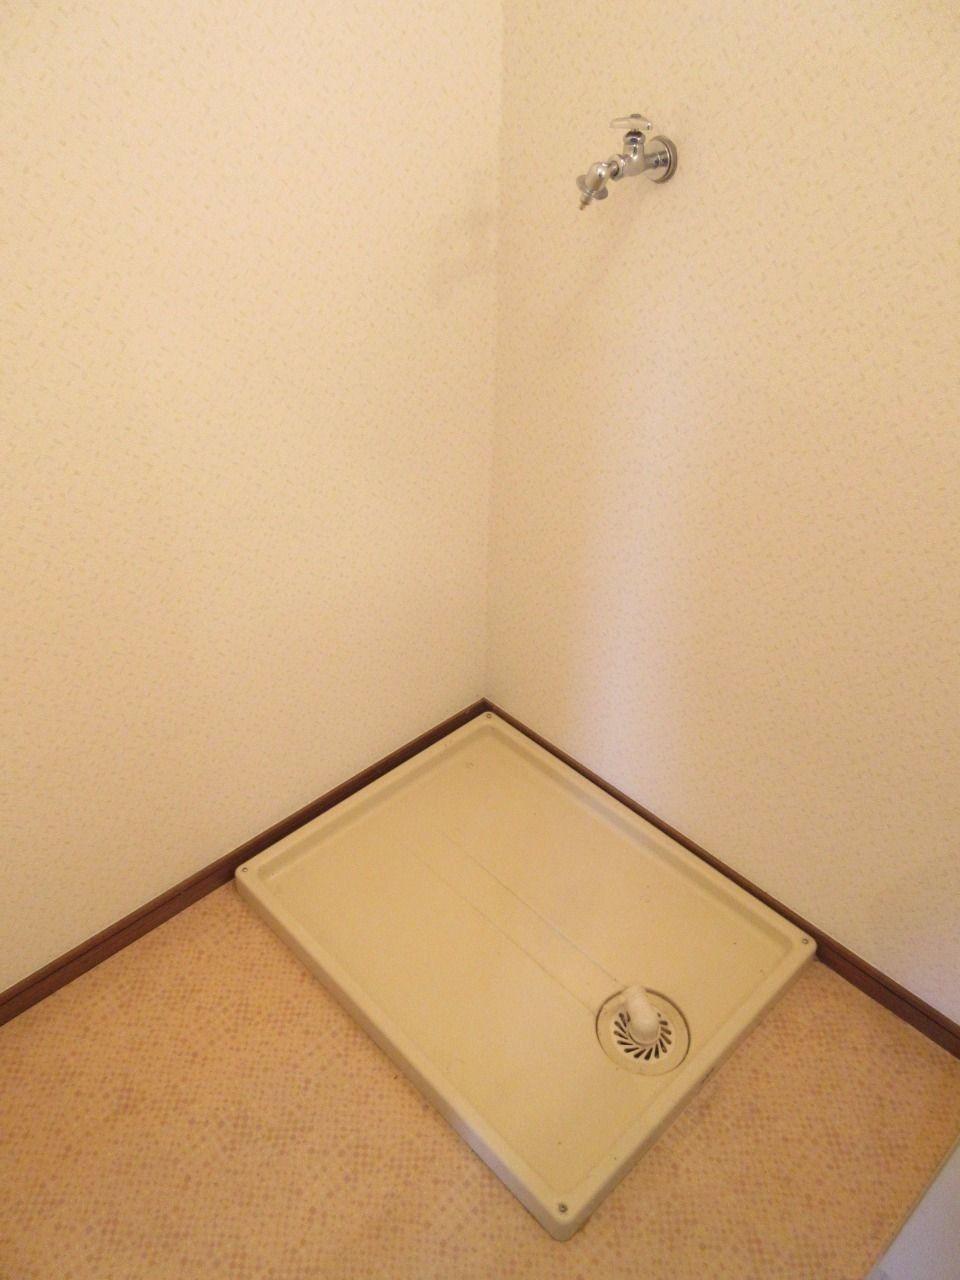 水漏れ防止と洗濯機の傷みが少なくなります